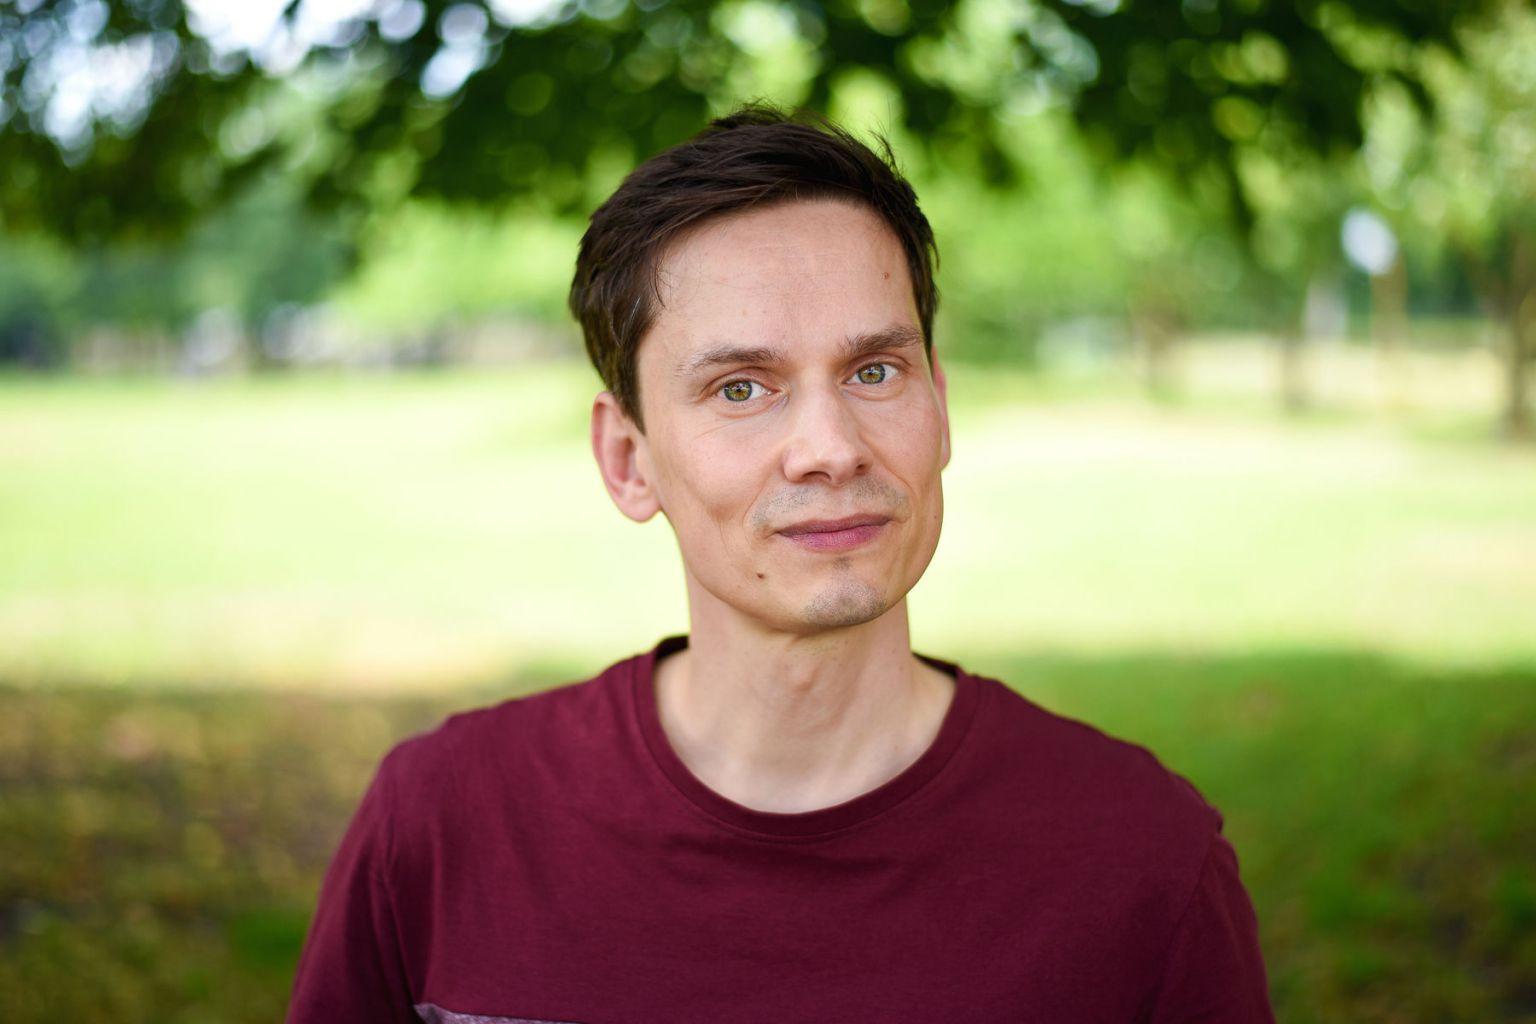 Deutscher Kinderbuchautor